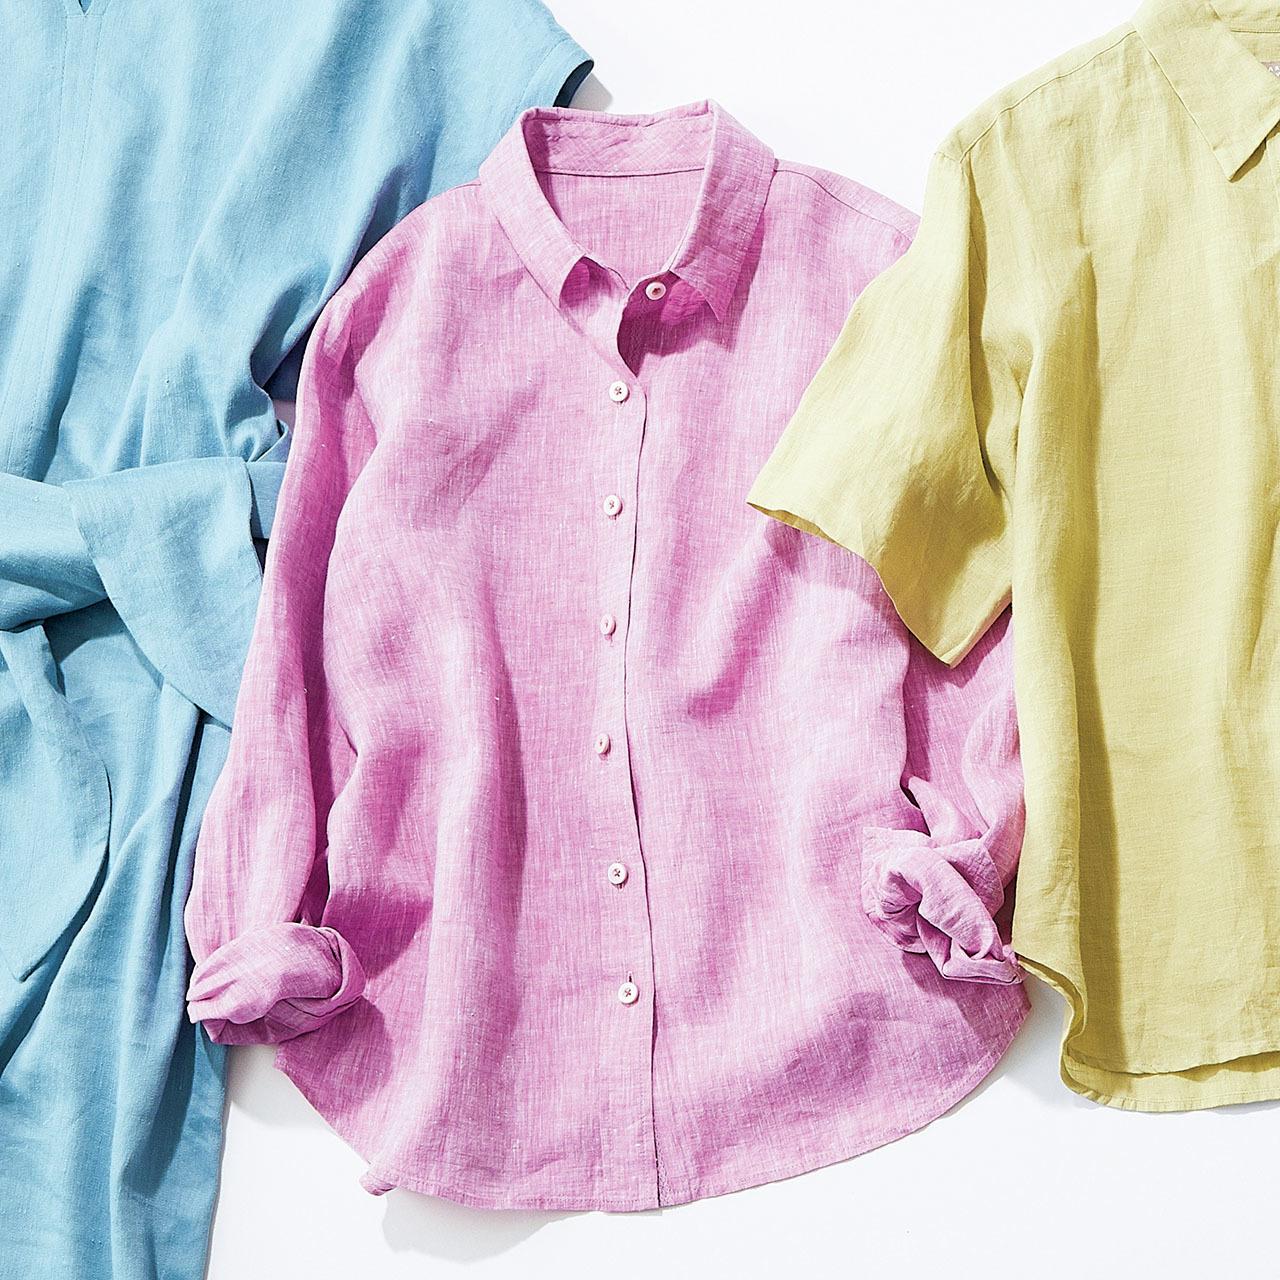 """リネンのカッコよさを印象づけるなら""""きれい色のトレンド感""""で 五選_1_1-4"""